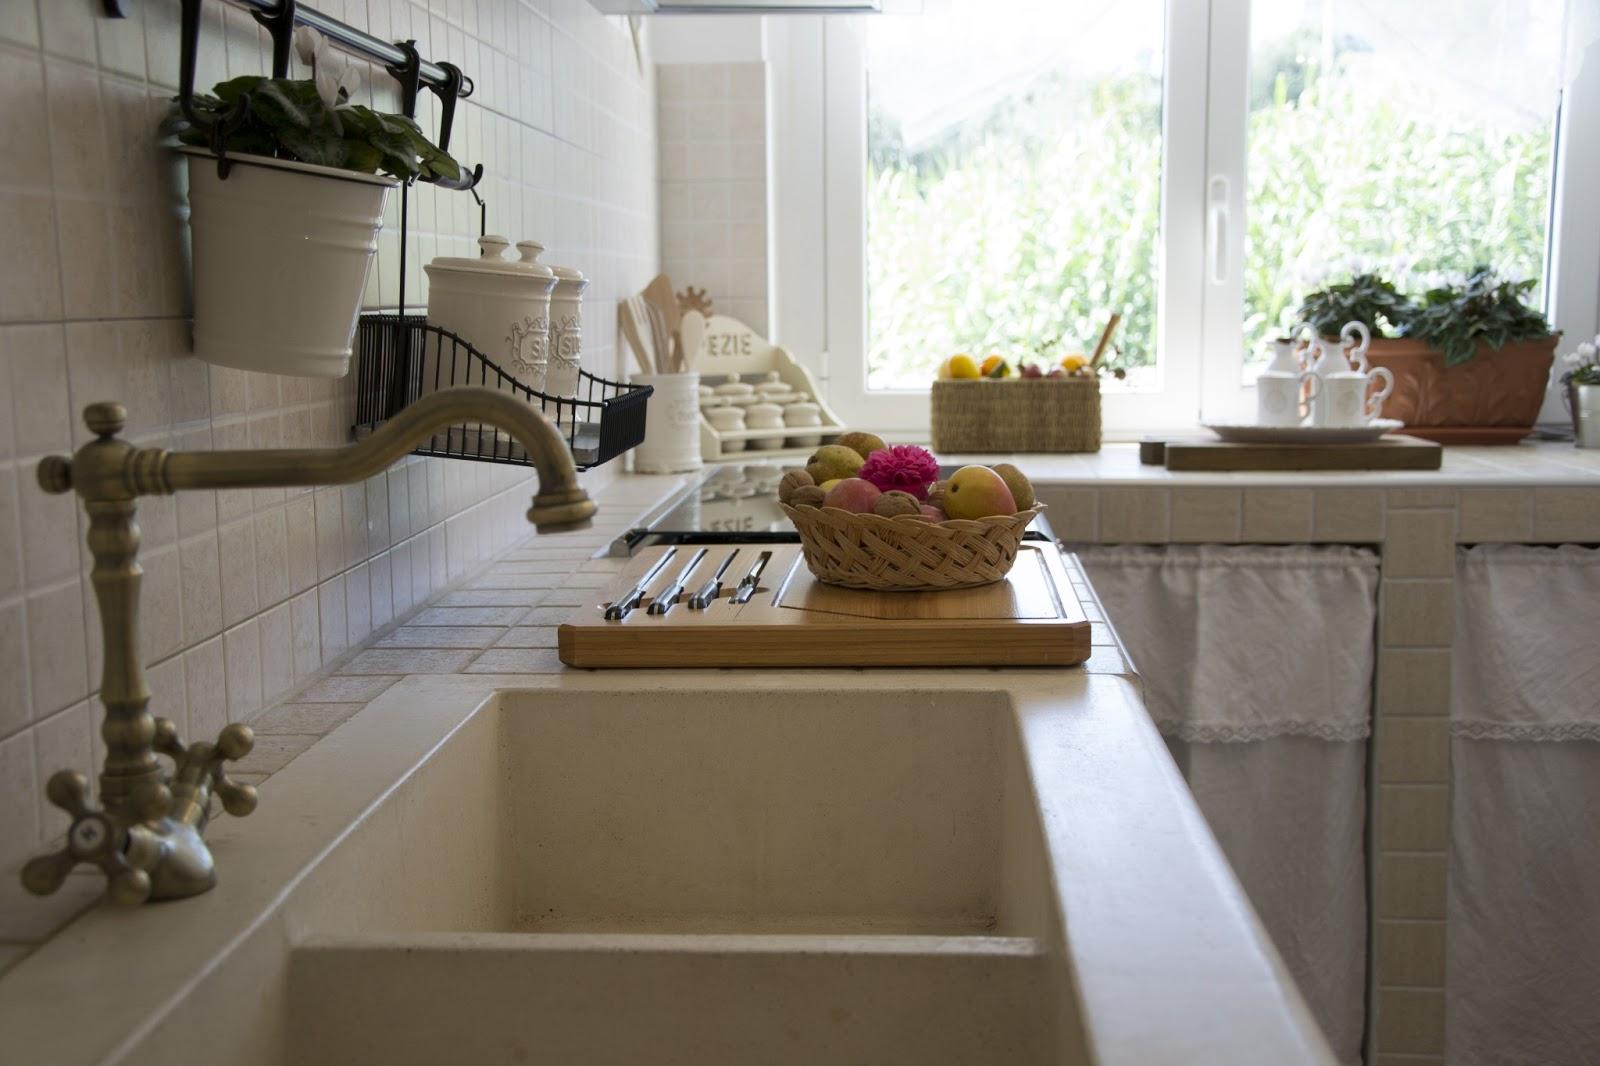 Arredamento Taverne. Cucine In Stile Rustico Mobili In Stile Arredo ...